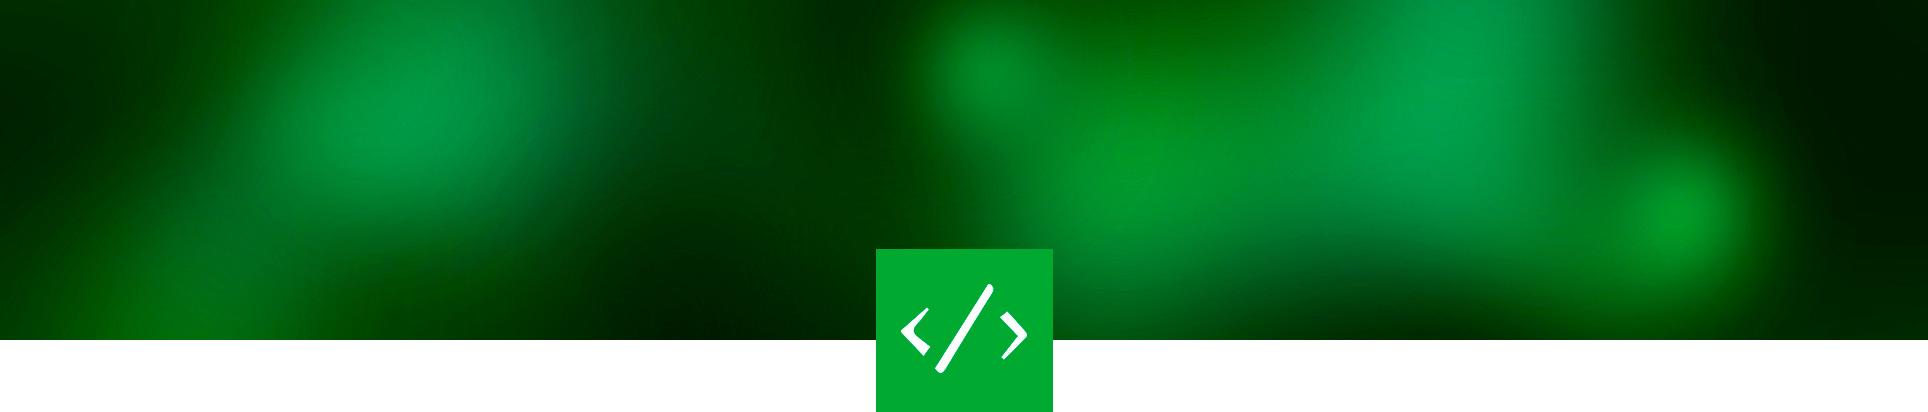 Разработка веб сайтов в Риге